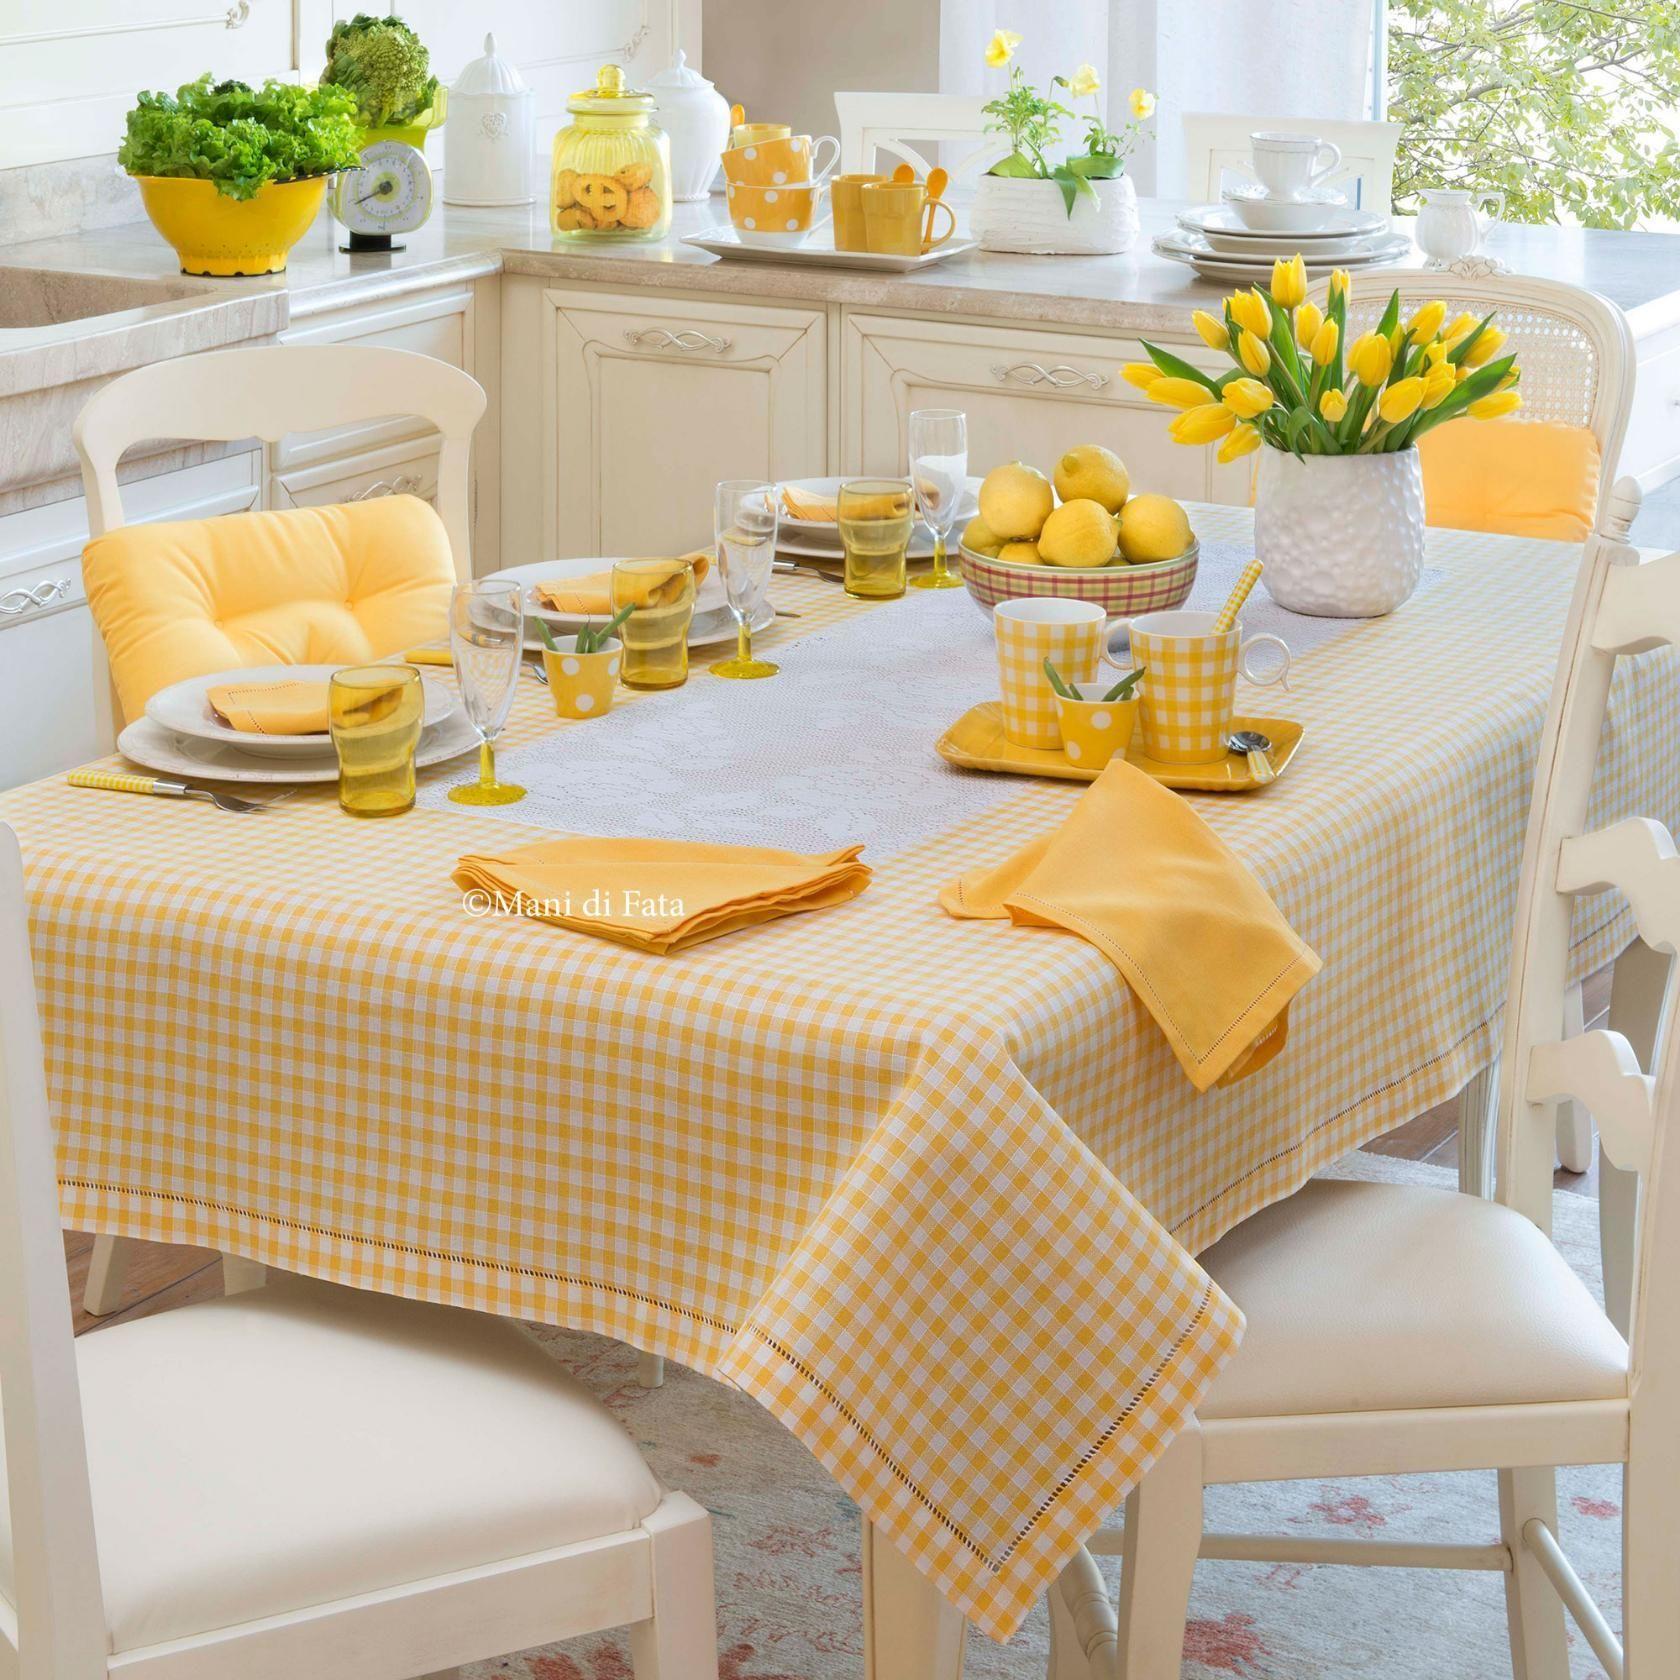 как украсить кухонный стол фото благотворительный фонд ветеранов-пенсионеров